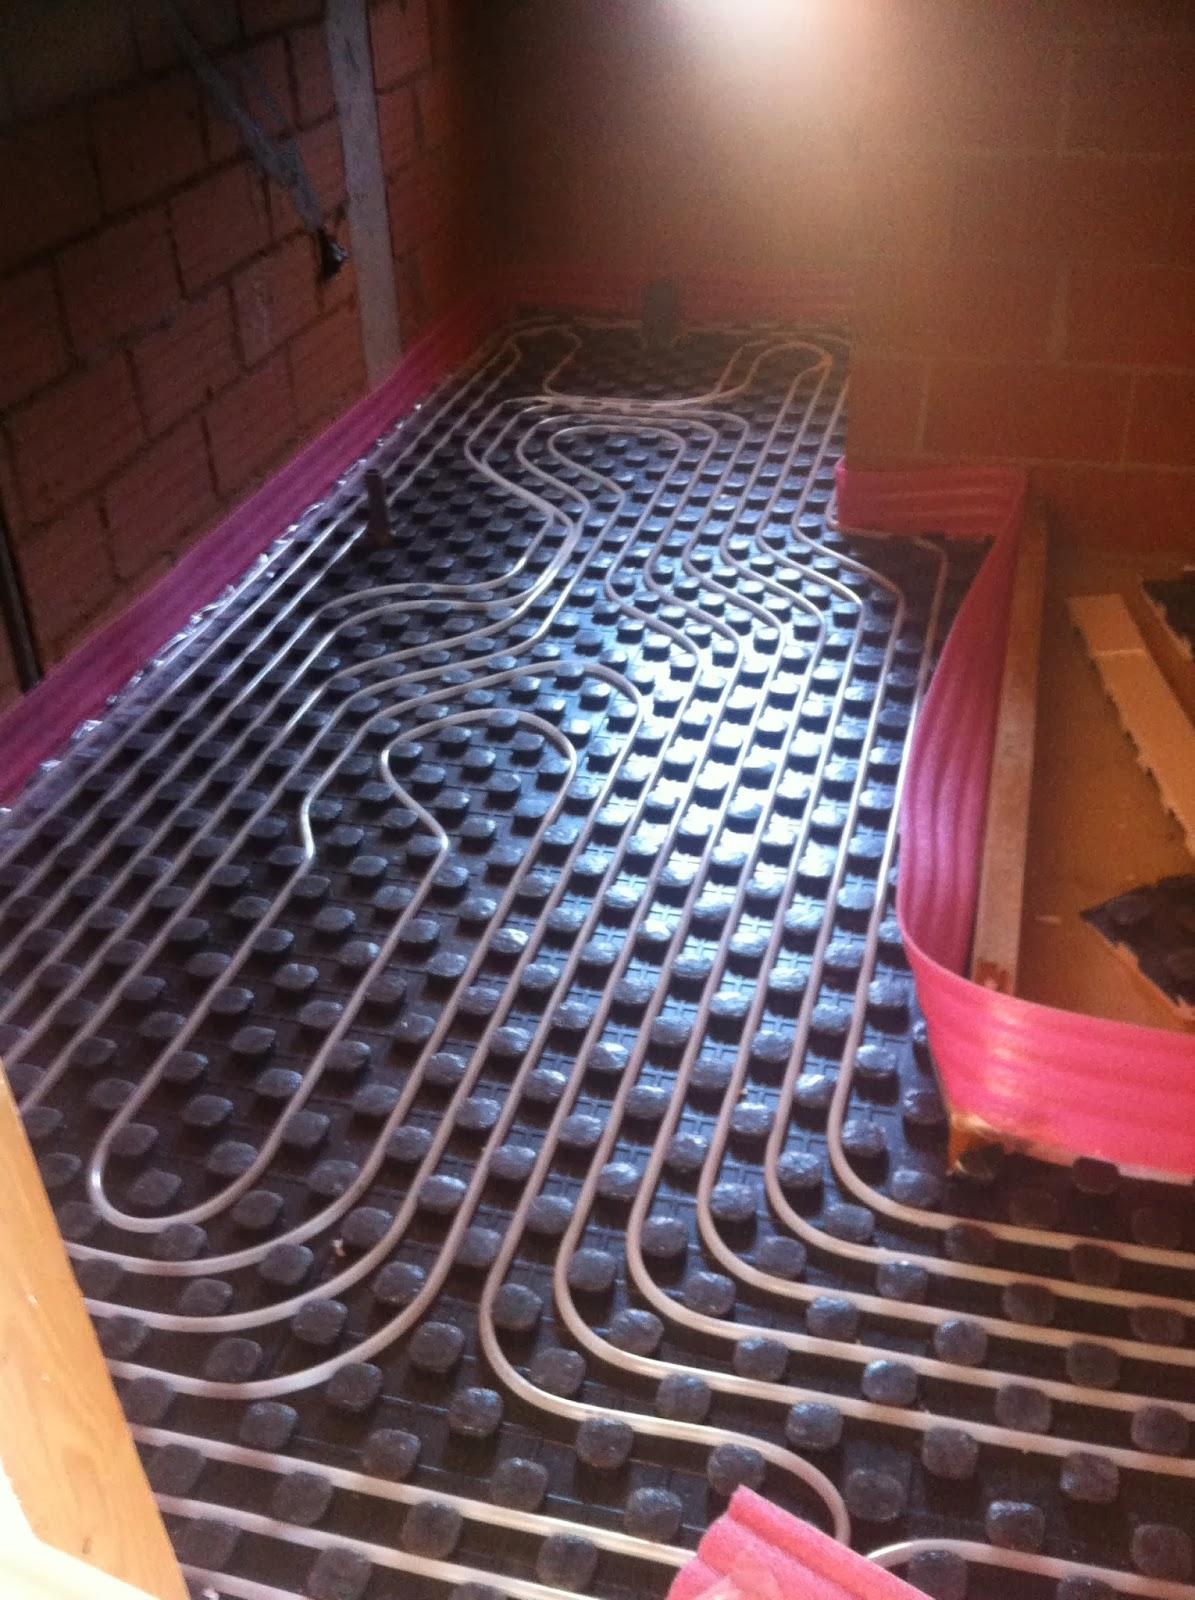 Suelo radiante o radiadores qu poner ecocalderas - Calefaccion radiadores o suelo radiante ...